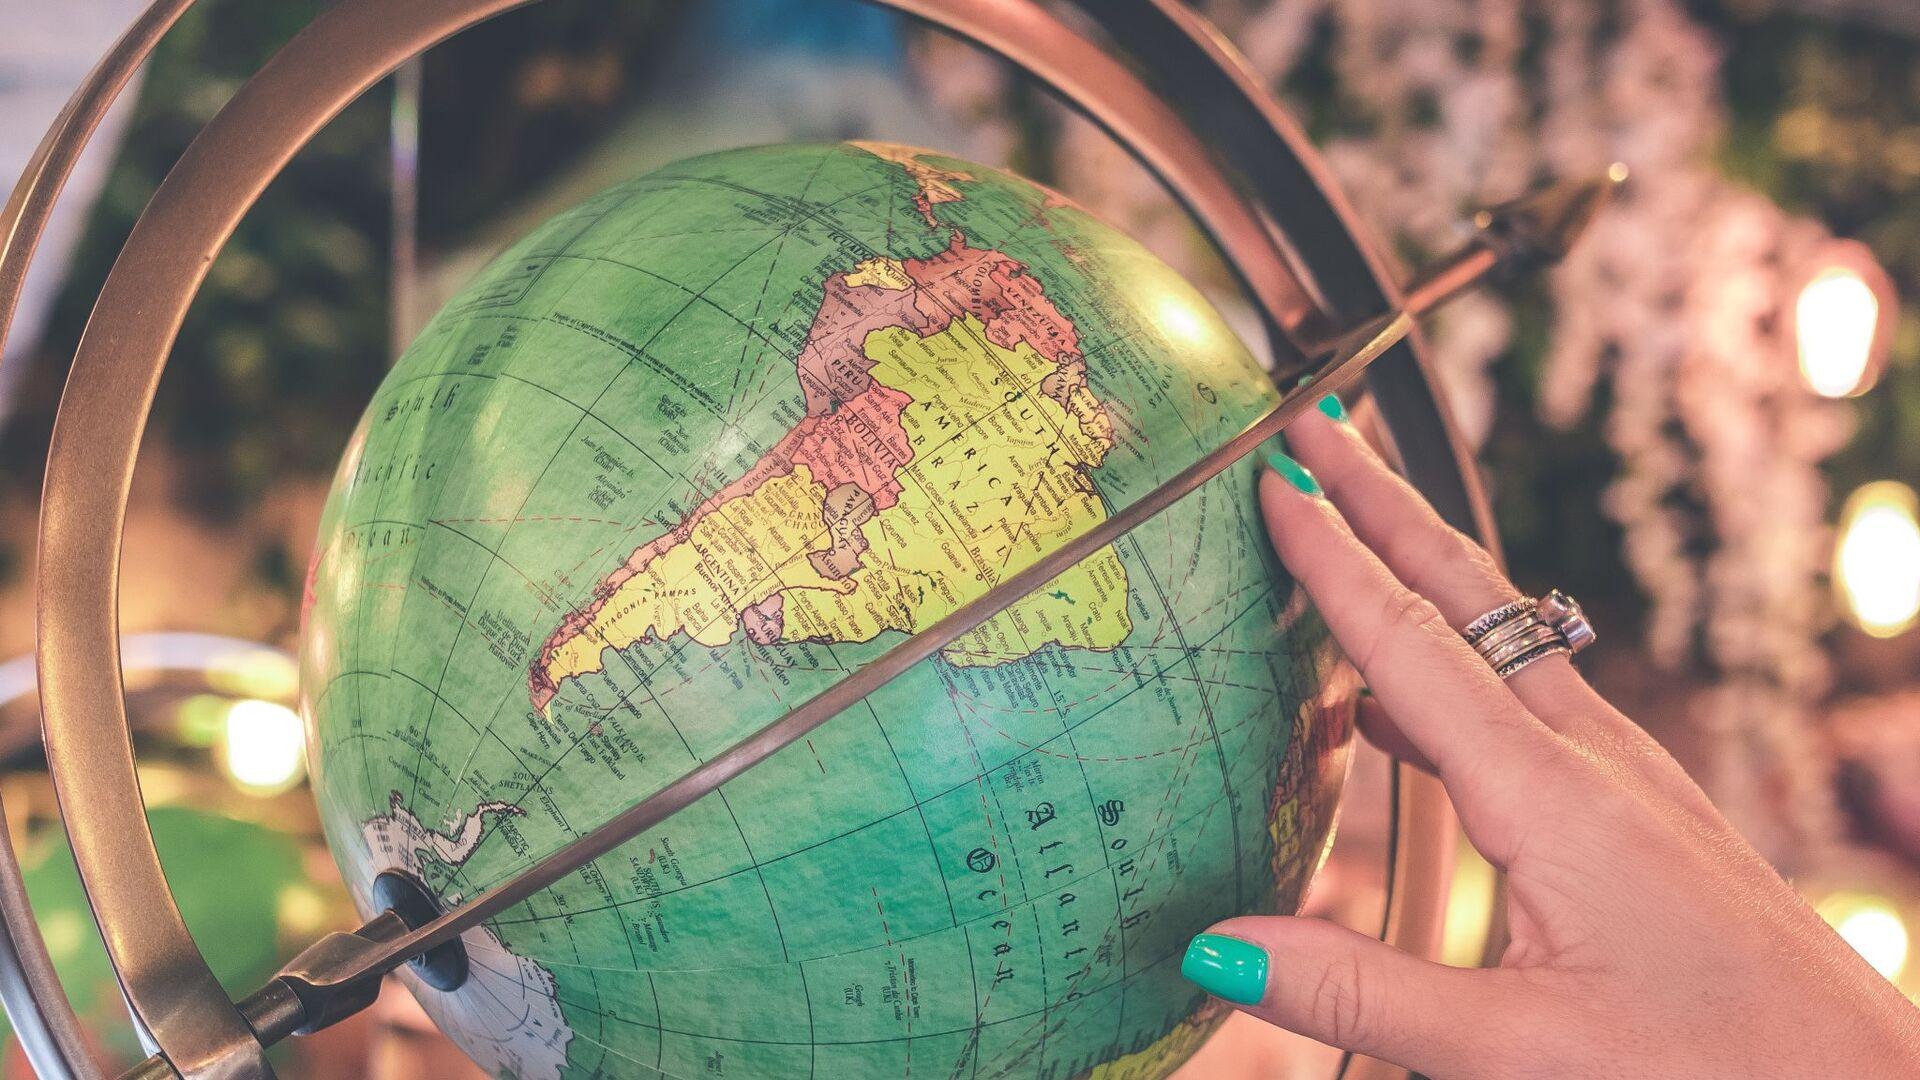 América Latina en un globo - Sputnik Mundo, 1920, 21.09.2021